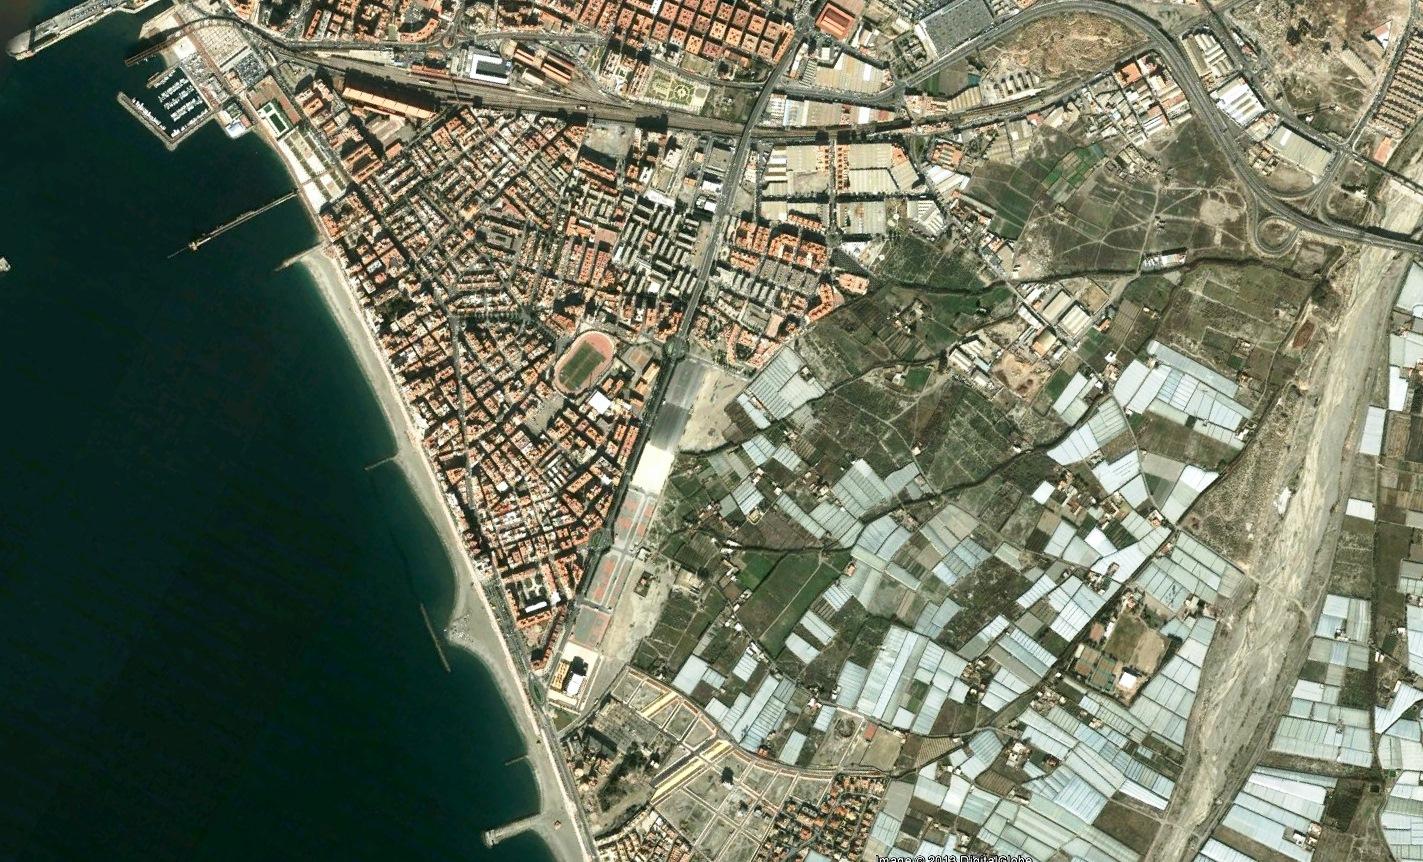 antes, urbanismo, foto aérea, desastre, urbanístico, planeamiento, urbano, construcción, Almería, Toblerone